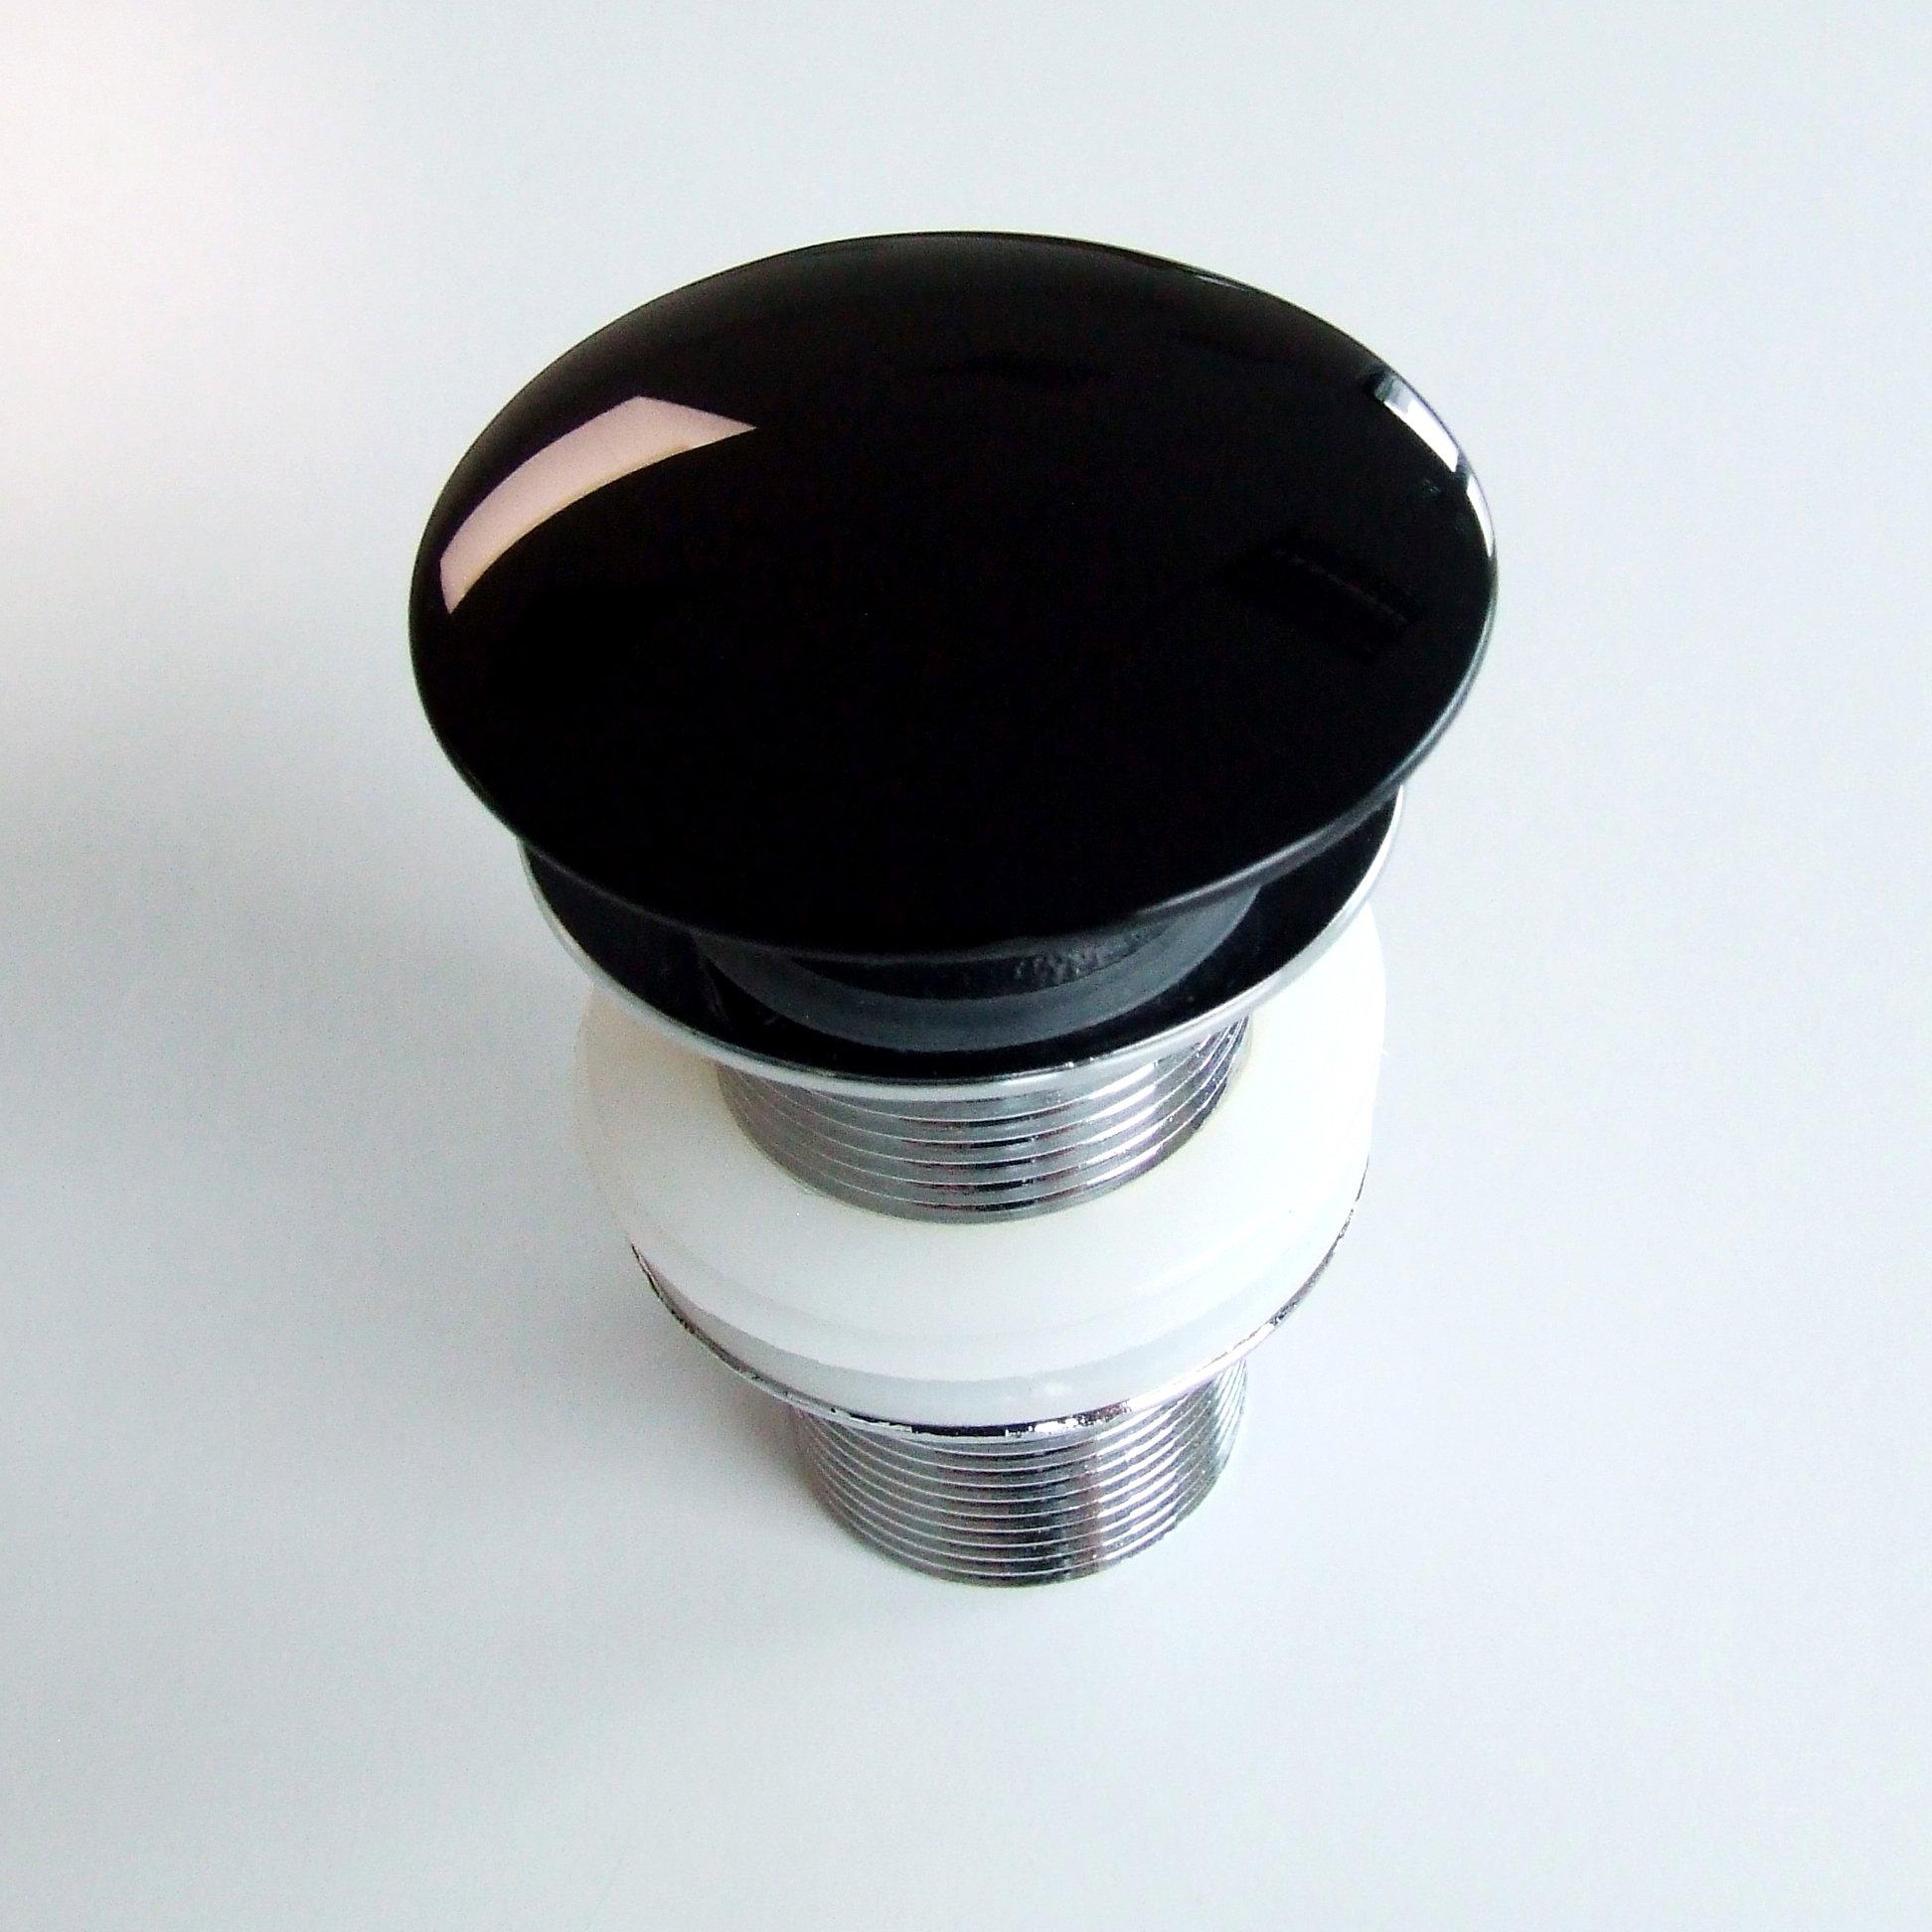 Waschbecken Pop-up Blende aus Mineralguss für Ablaufgarnitur - Farbe Schwarz Glänzend